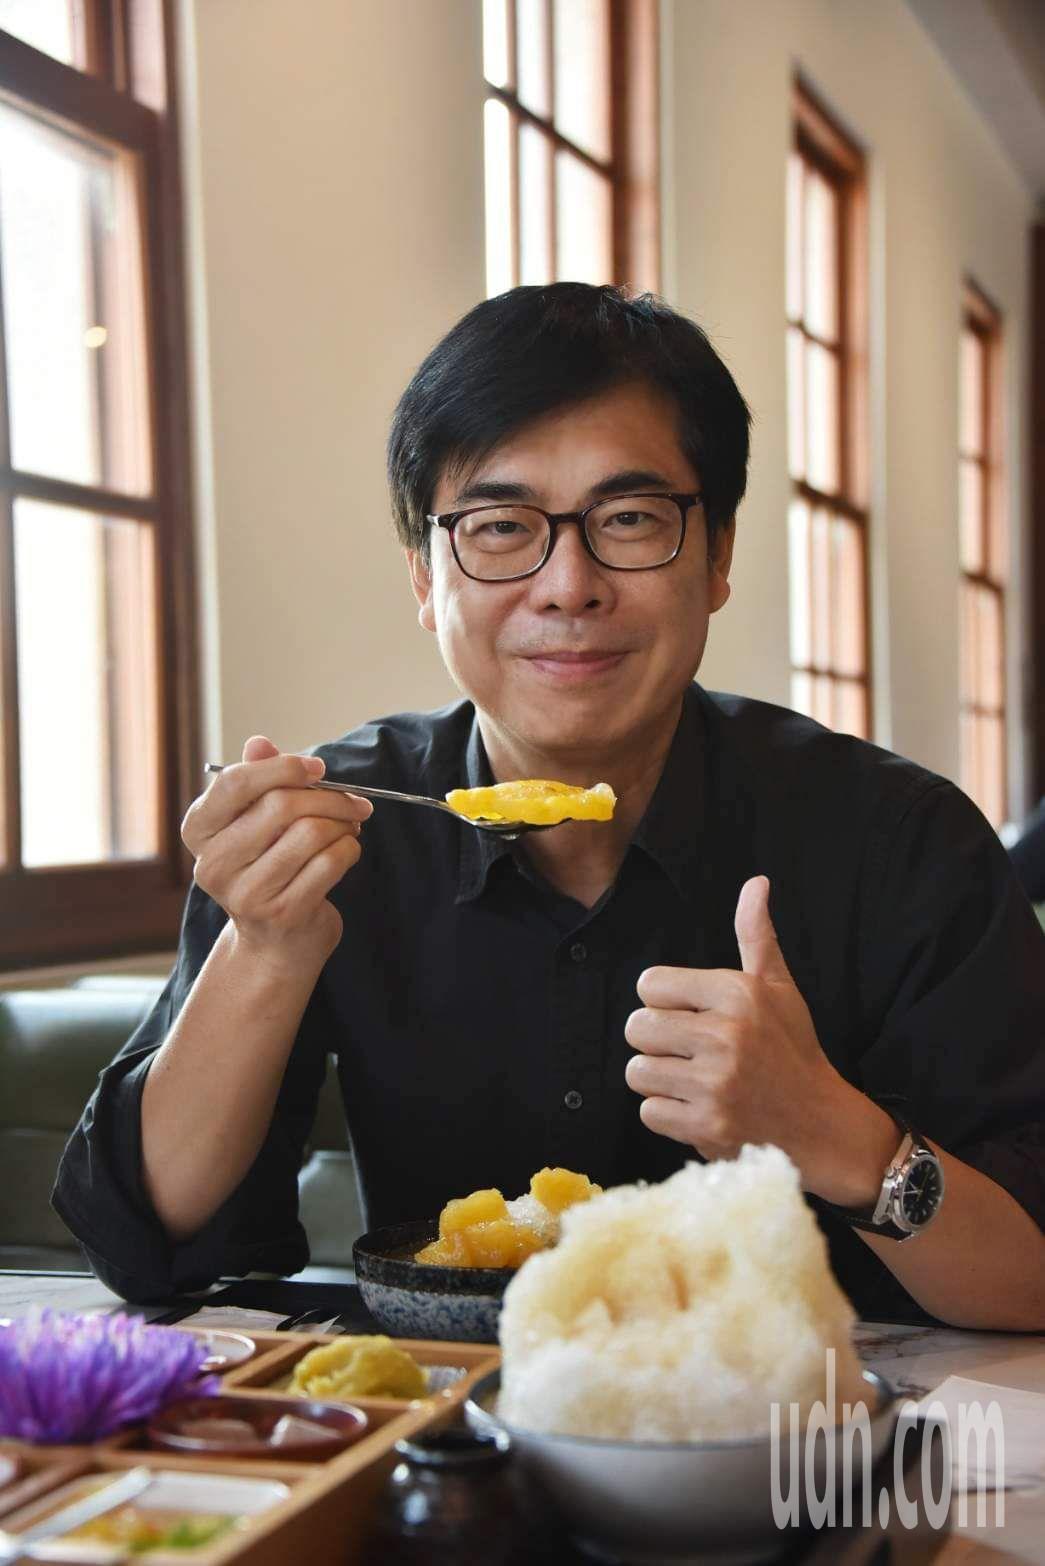 吃鳳梨挺農民成一股全民運動,高雄市長陳其邁大啖鳳梨冰。圖/取自陳其邁臉書